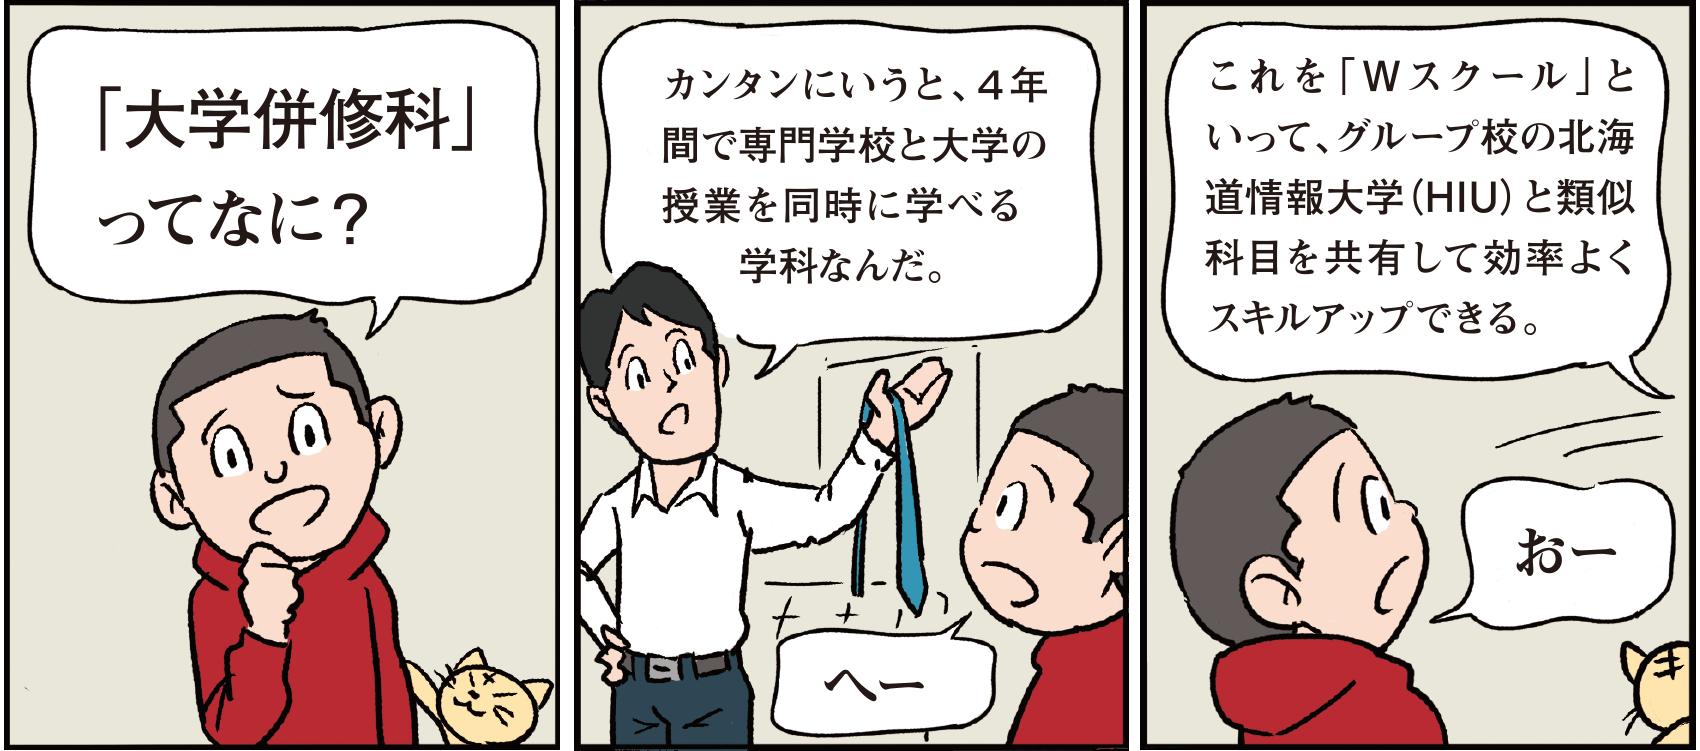 コミック04-06